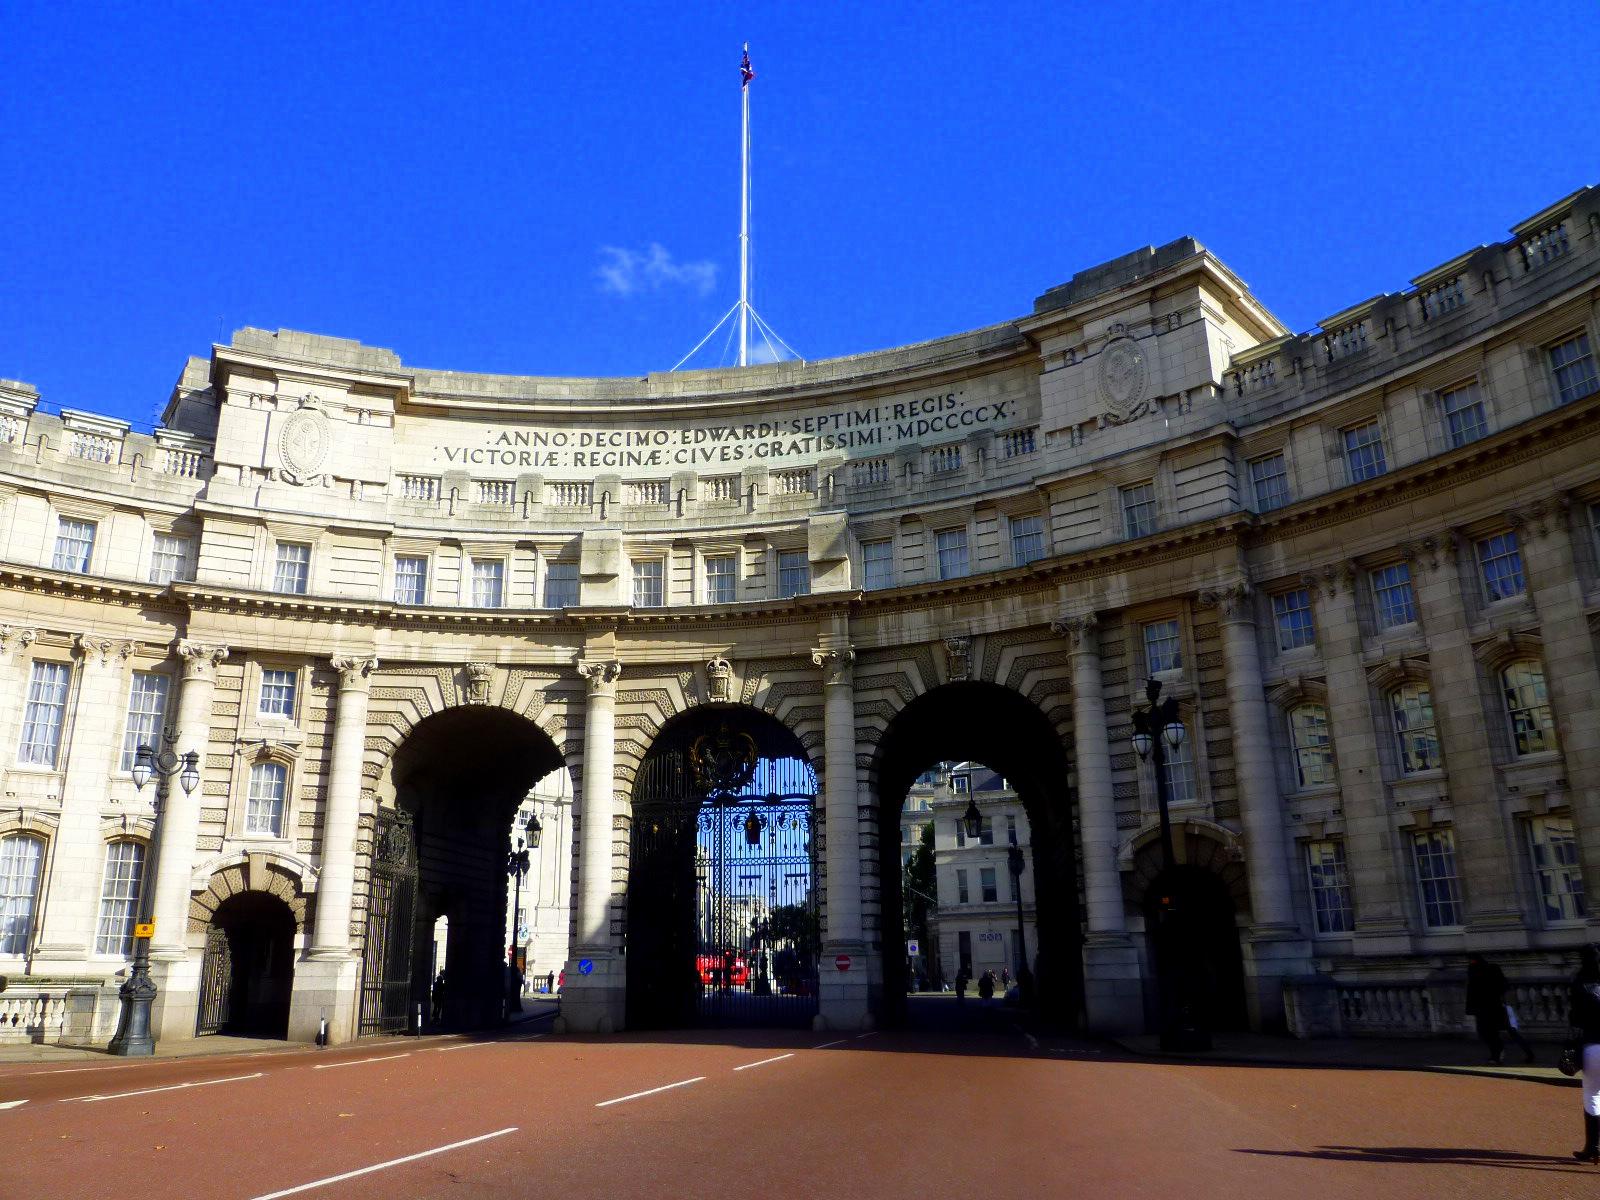 Arche de l'amirauté, Londres